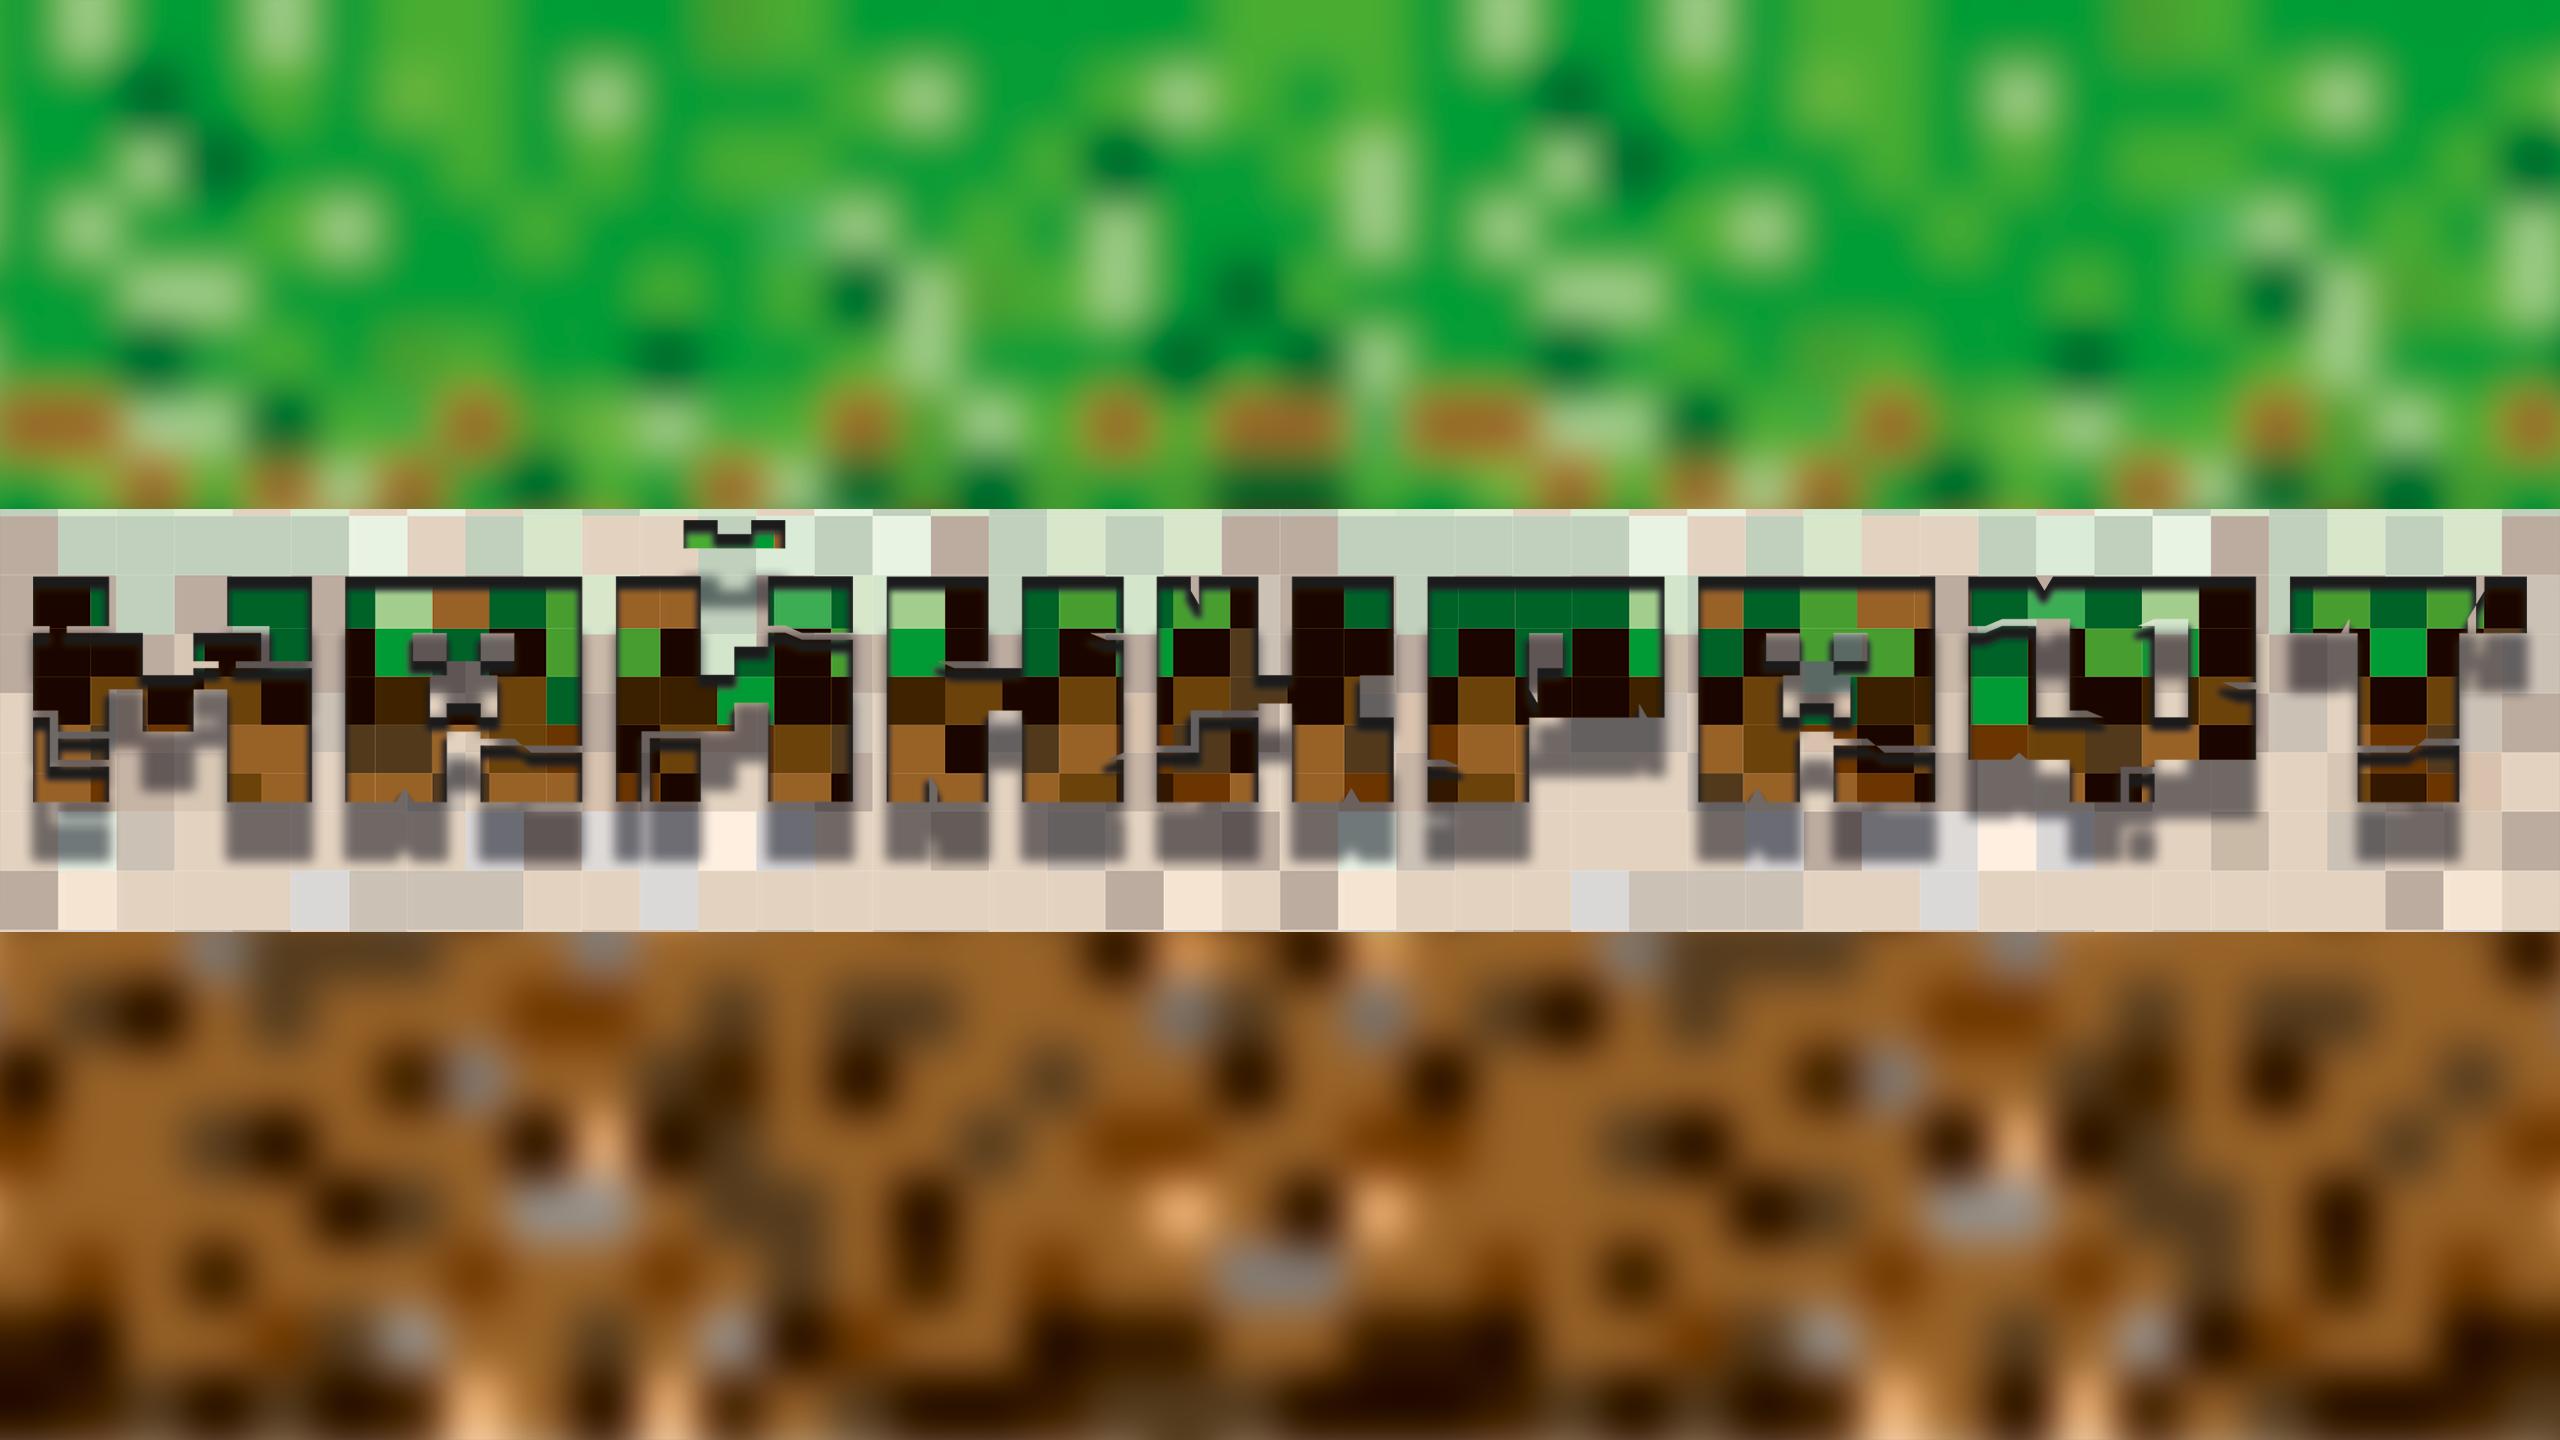 Картинка для шапки ютуб с надписью майнкрафт на зелёно - коричневом фоне.